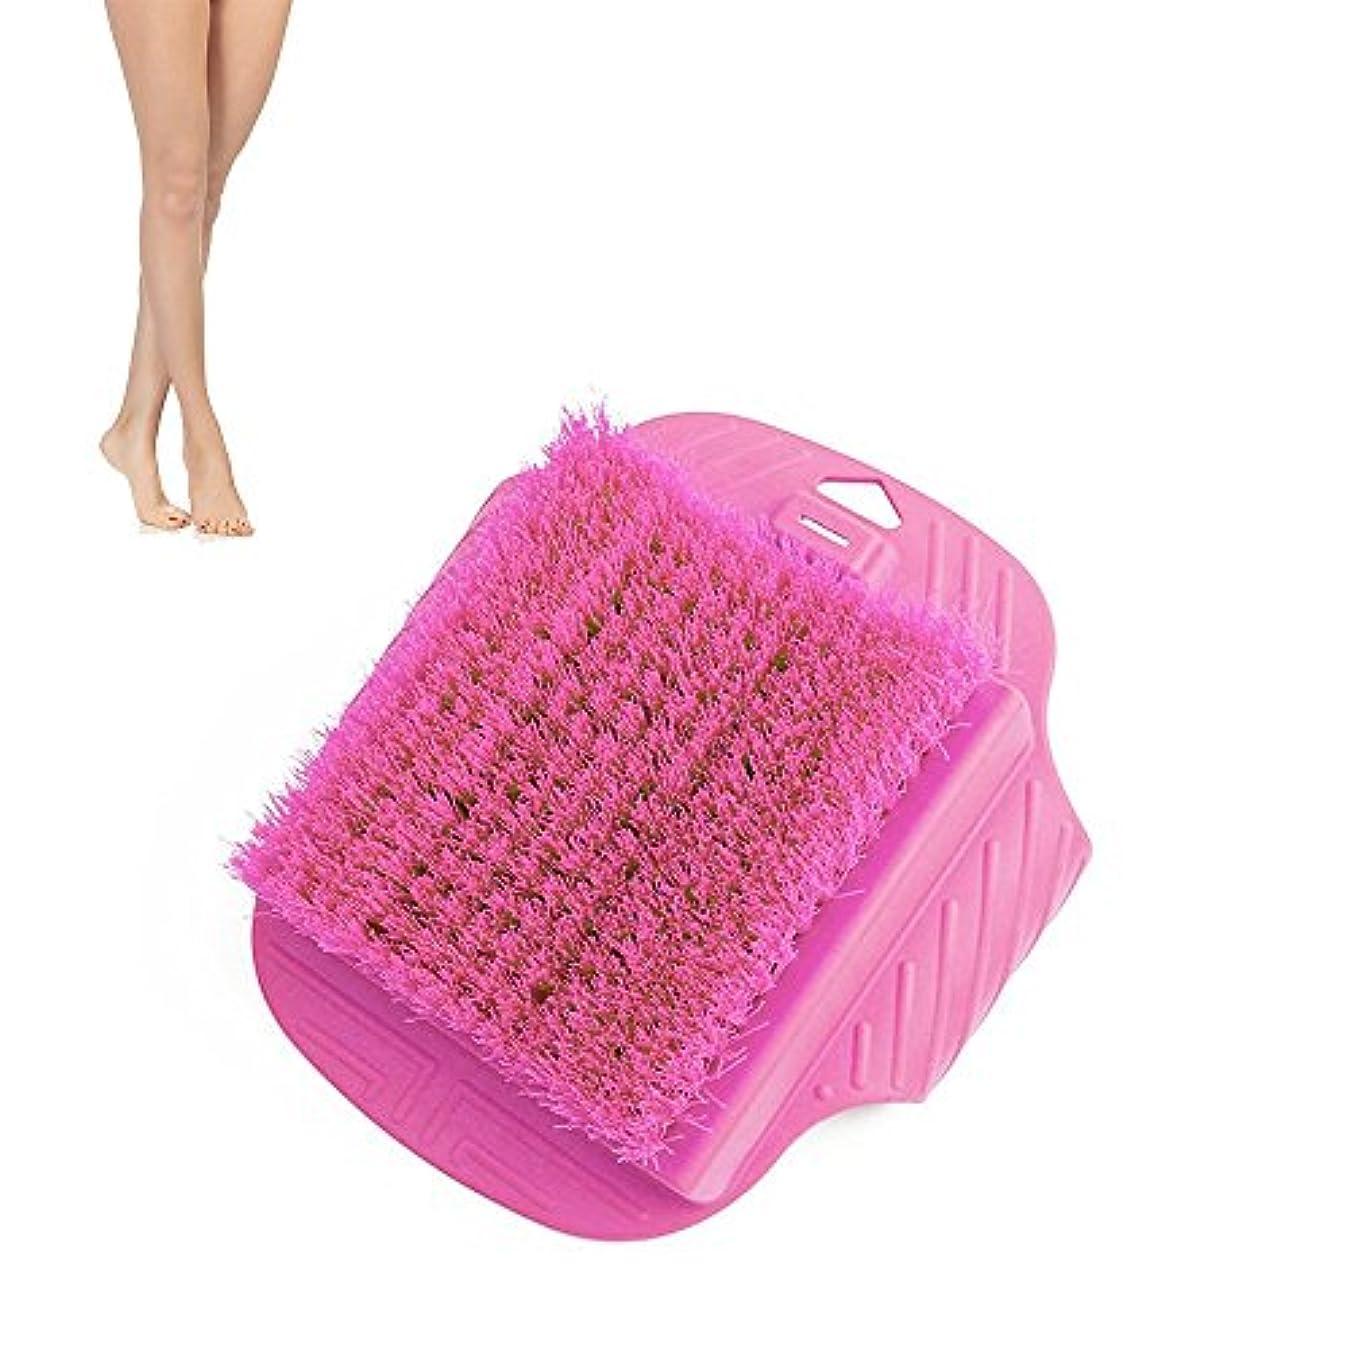 曇った博物館拘束する足ブラシ フットブラシ フットグルーマー スリッパ ブラシシャワースリッパ お風呂で使える角質ケアブラシ 足の匂い消し 健康グッズ (ピンク)